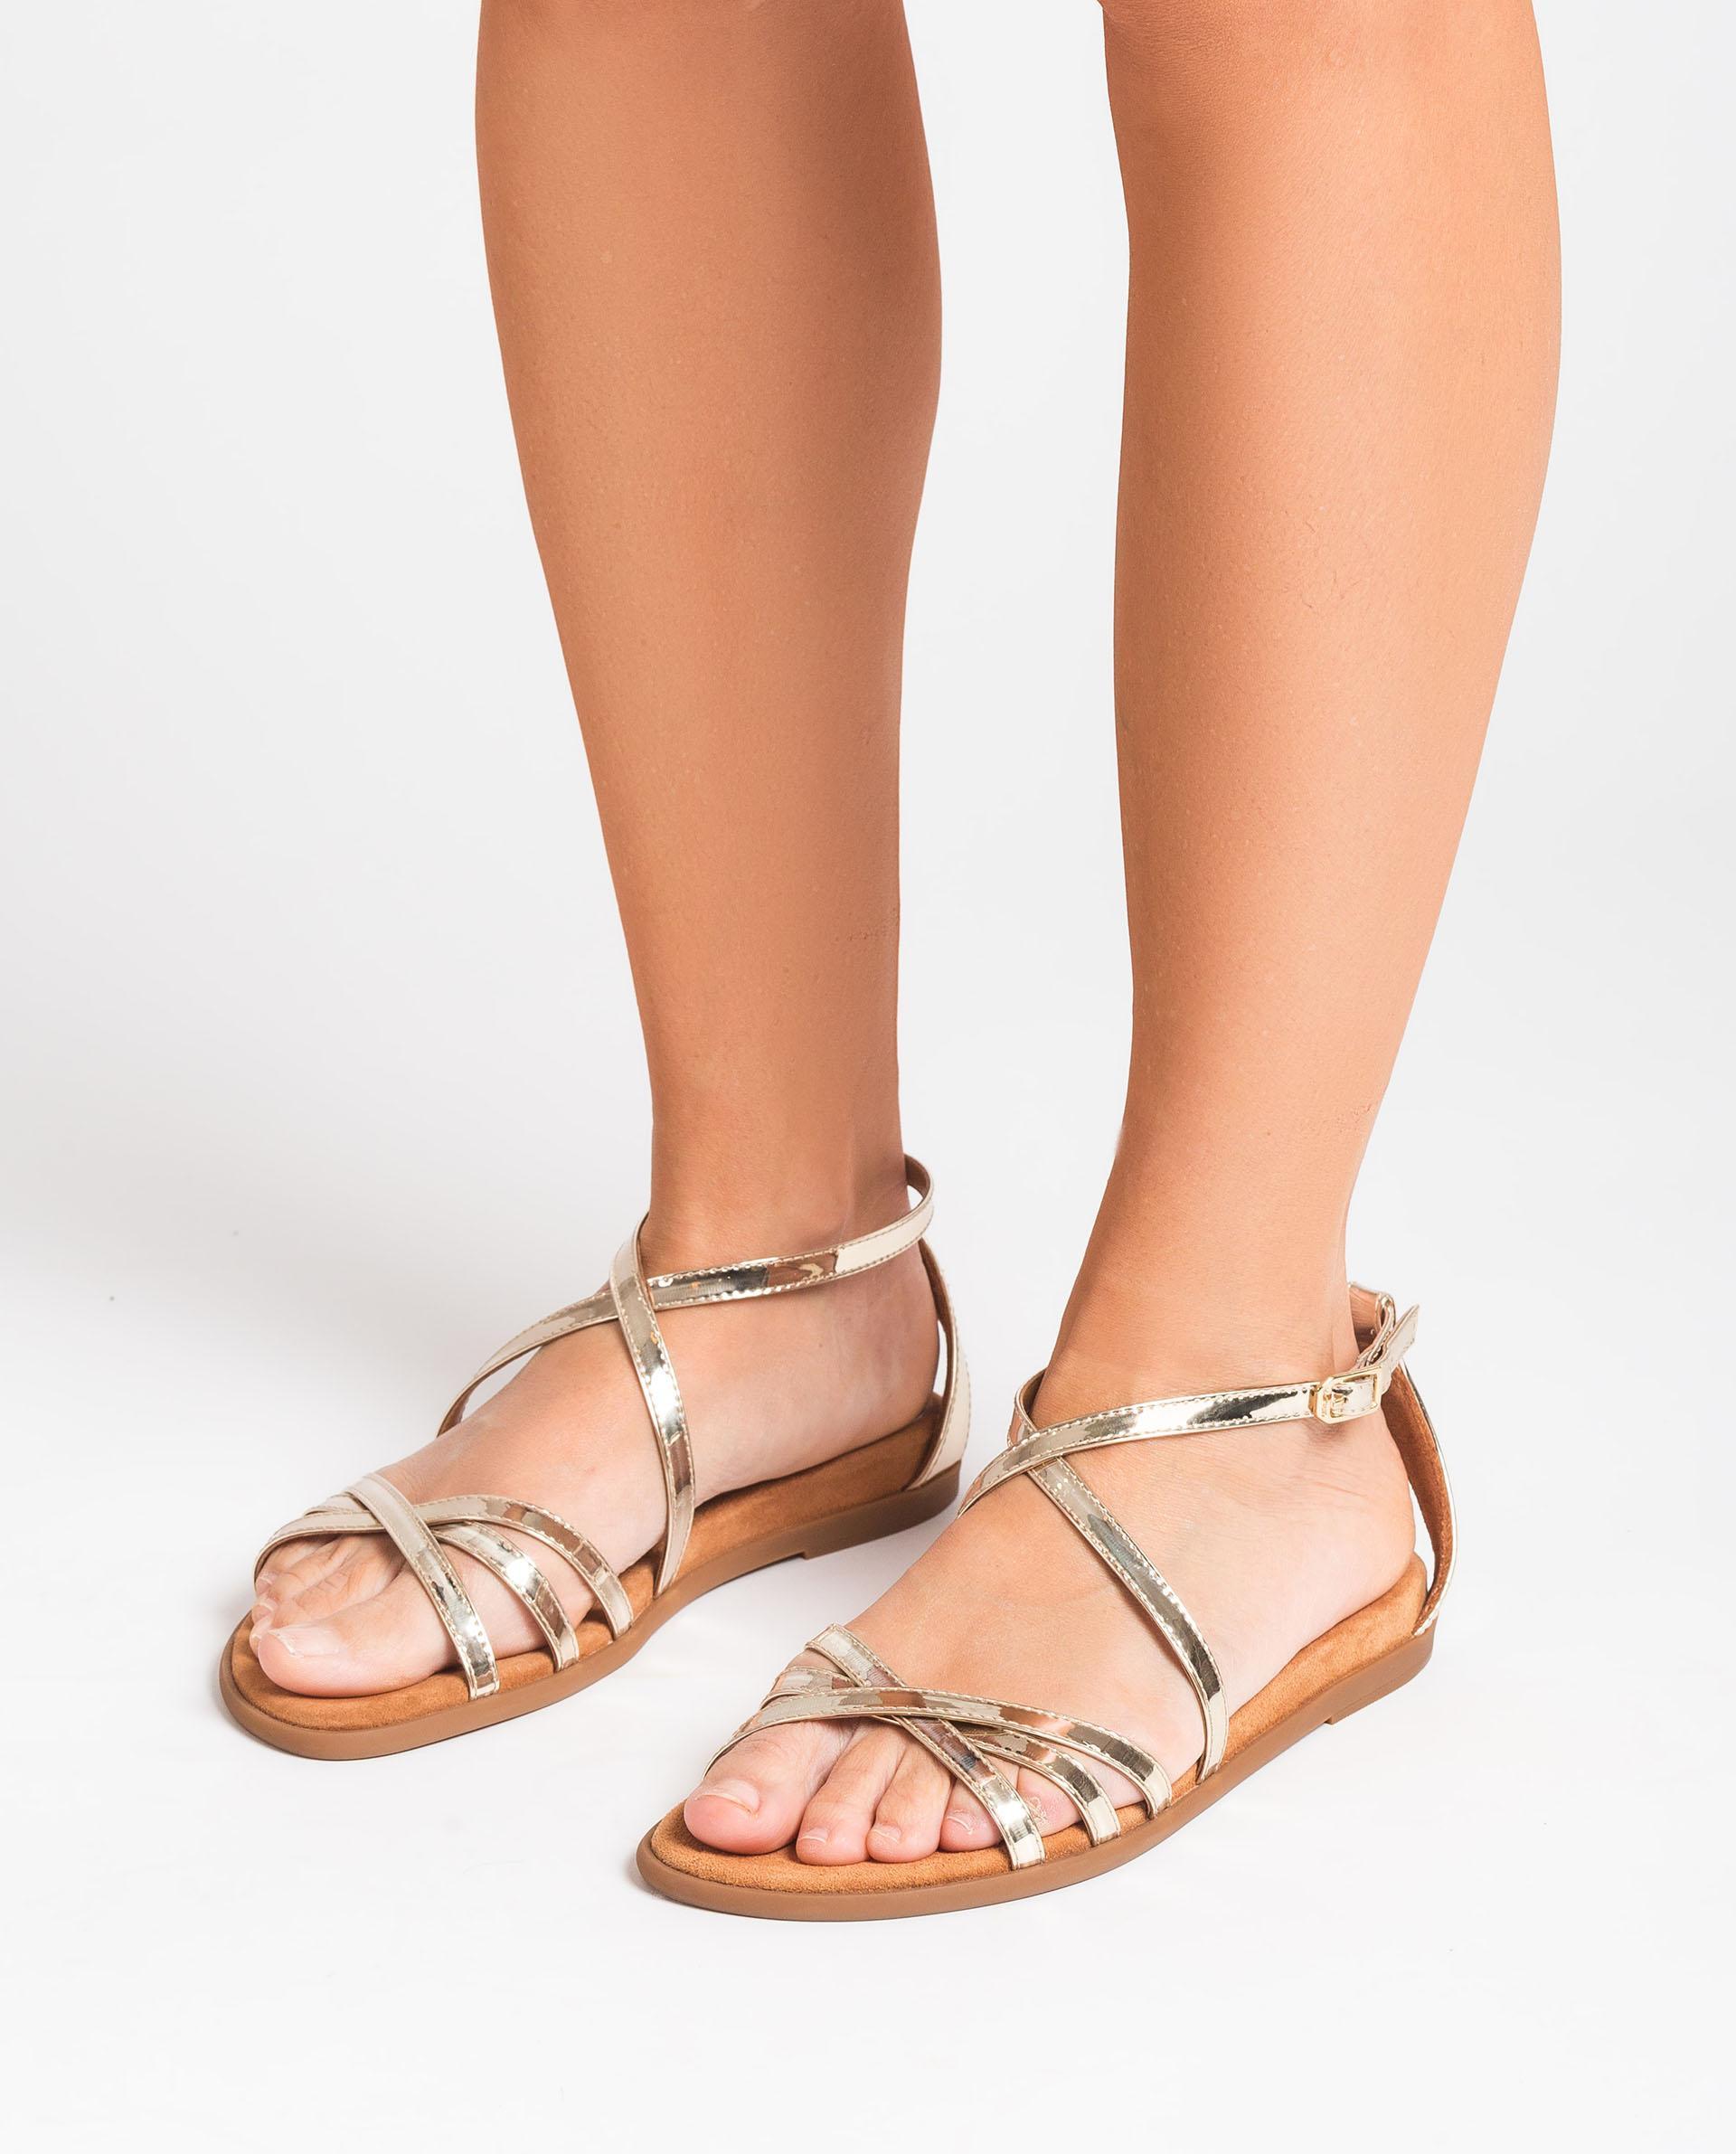 UNISA Flache Sandalen mit Spiegel-Effekt CARCER_SP 5